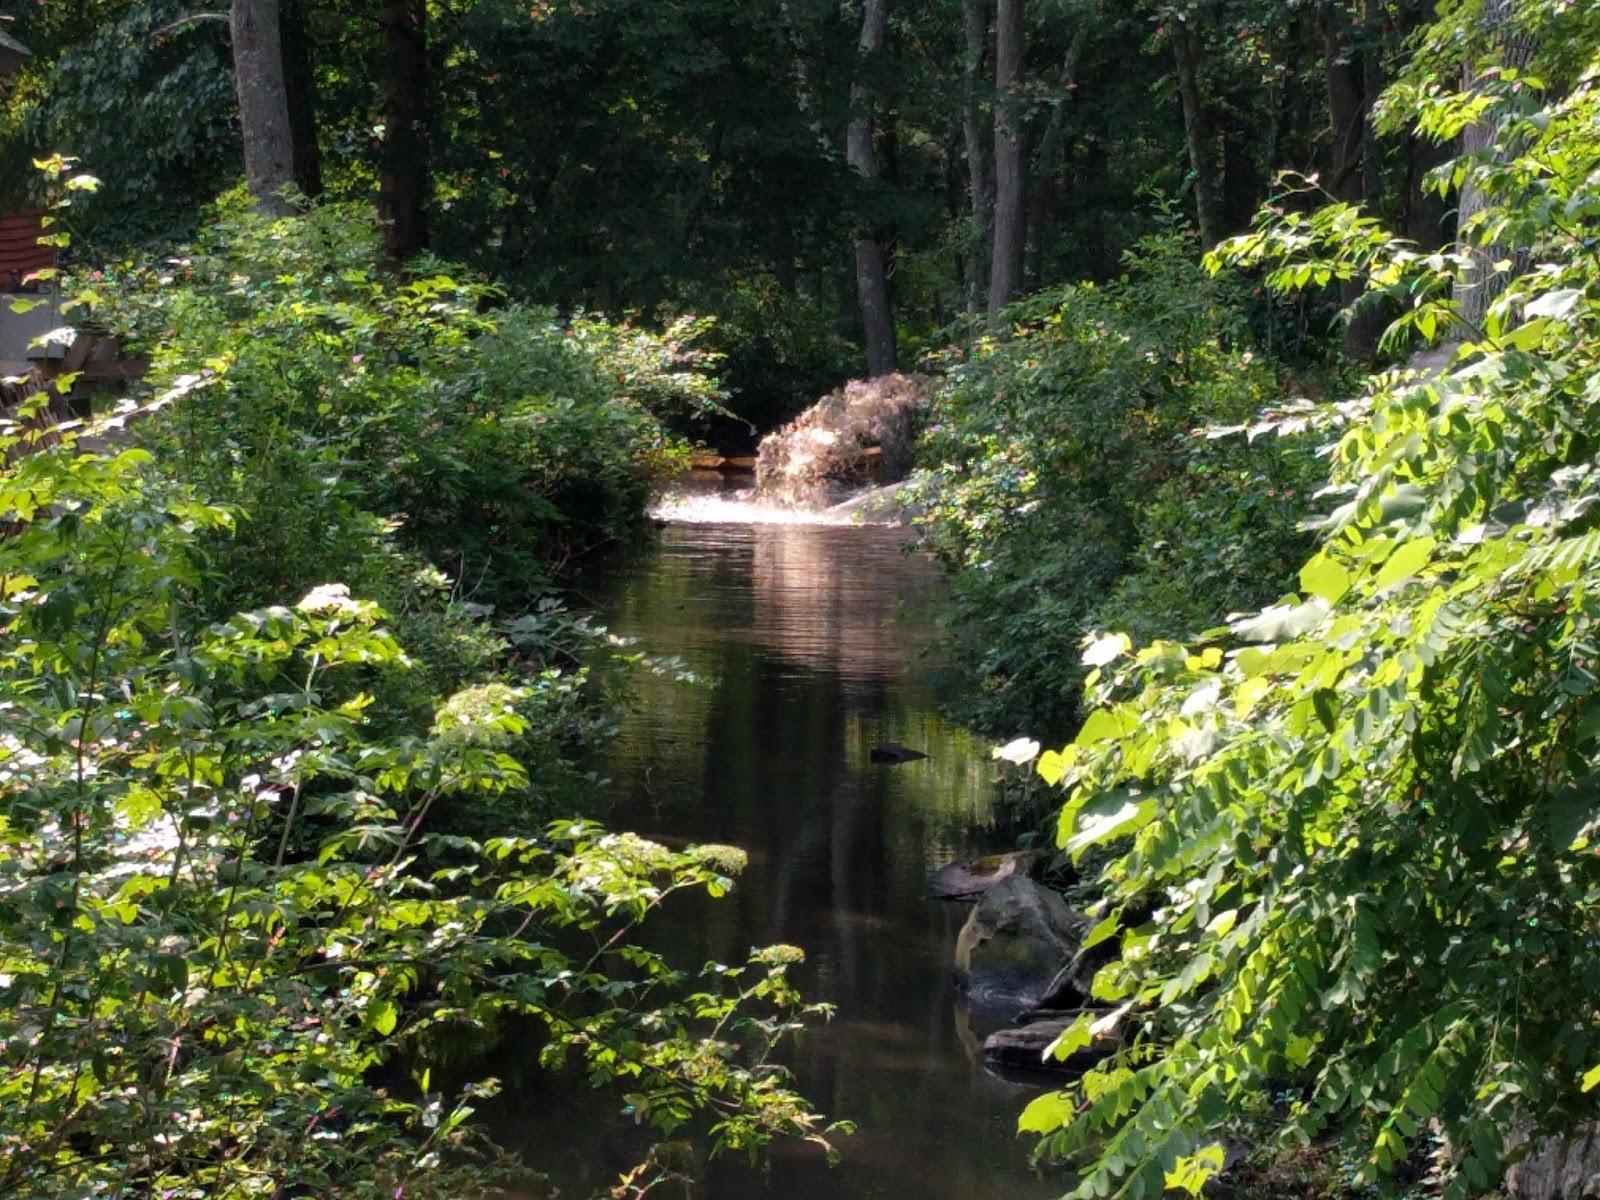 The new, free flowing Mattatuxet River.